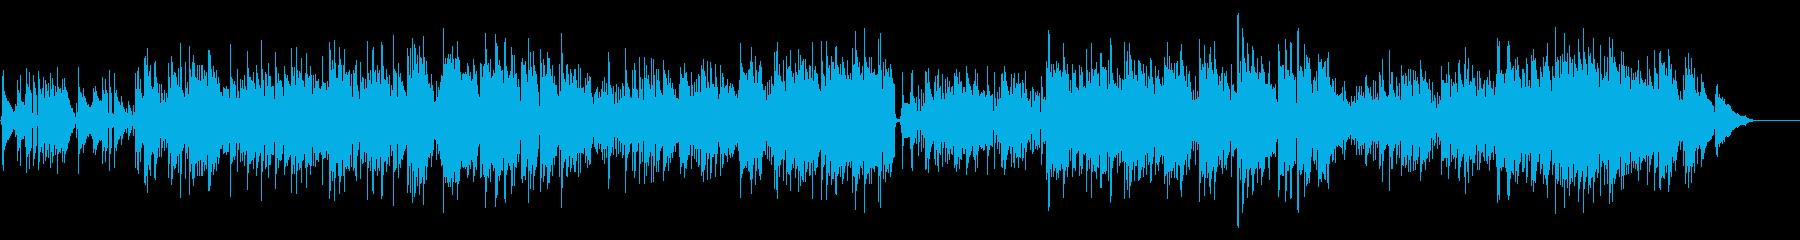 【ドラム&ストリングスなし】哀愁ボサノバの再生済みの波形